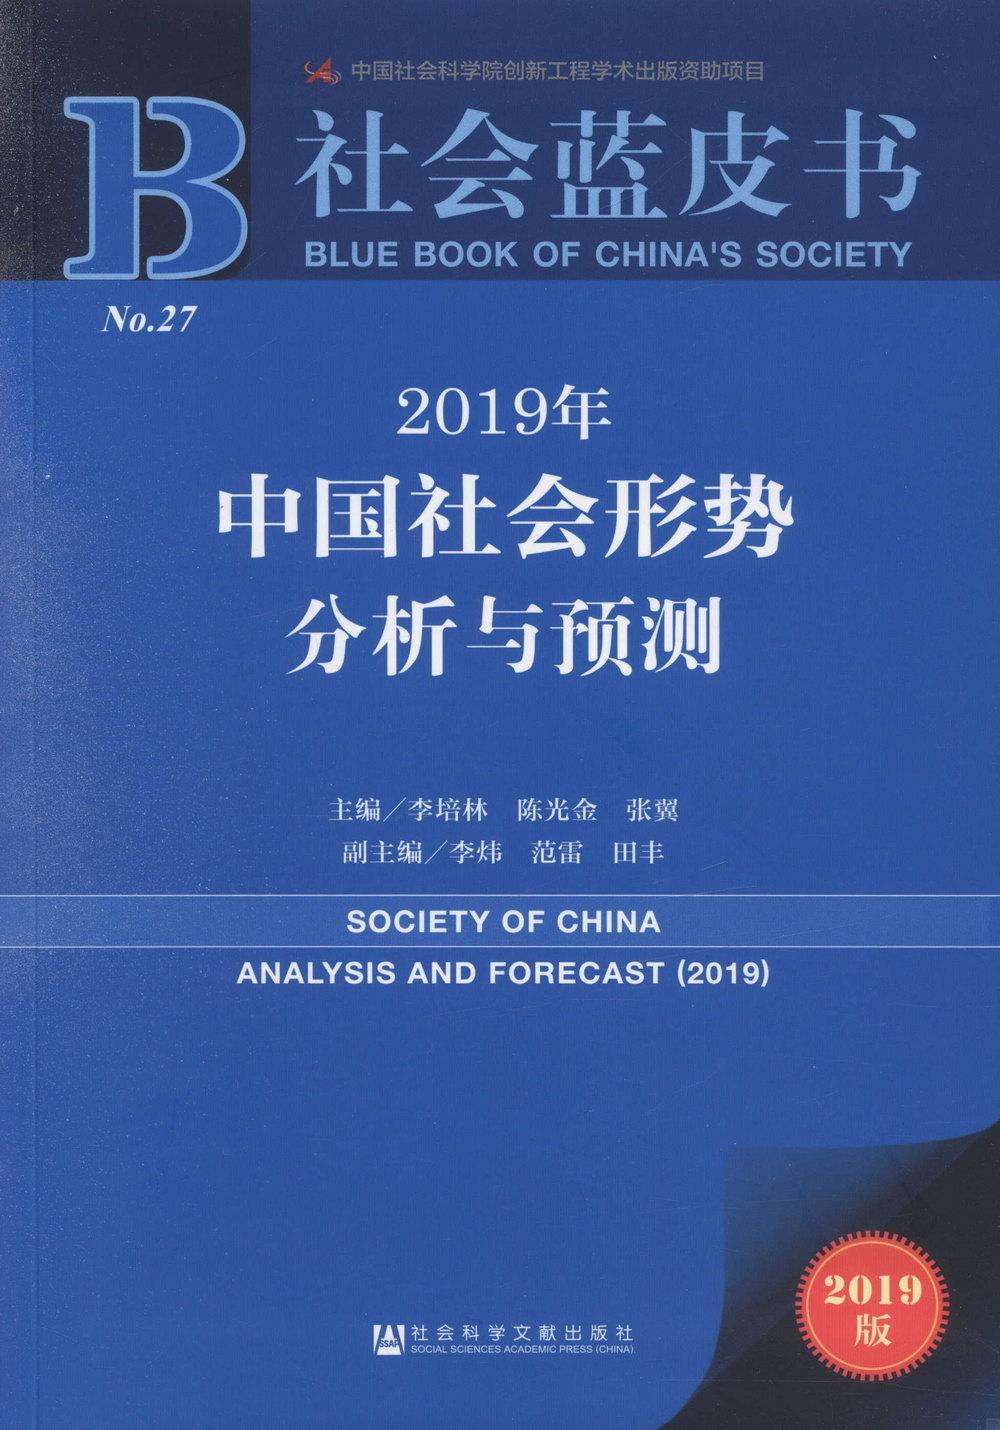 2019年中國社會形勢分析與預測